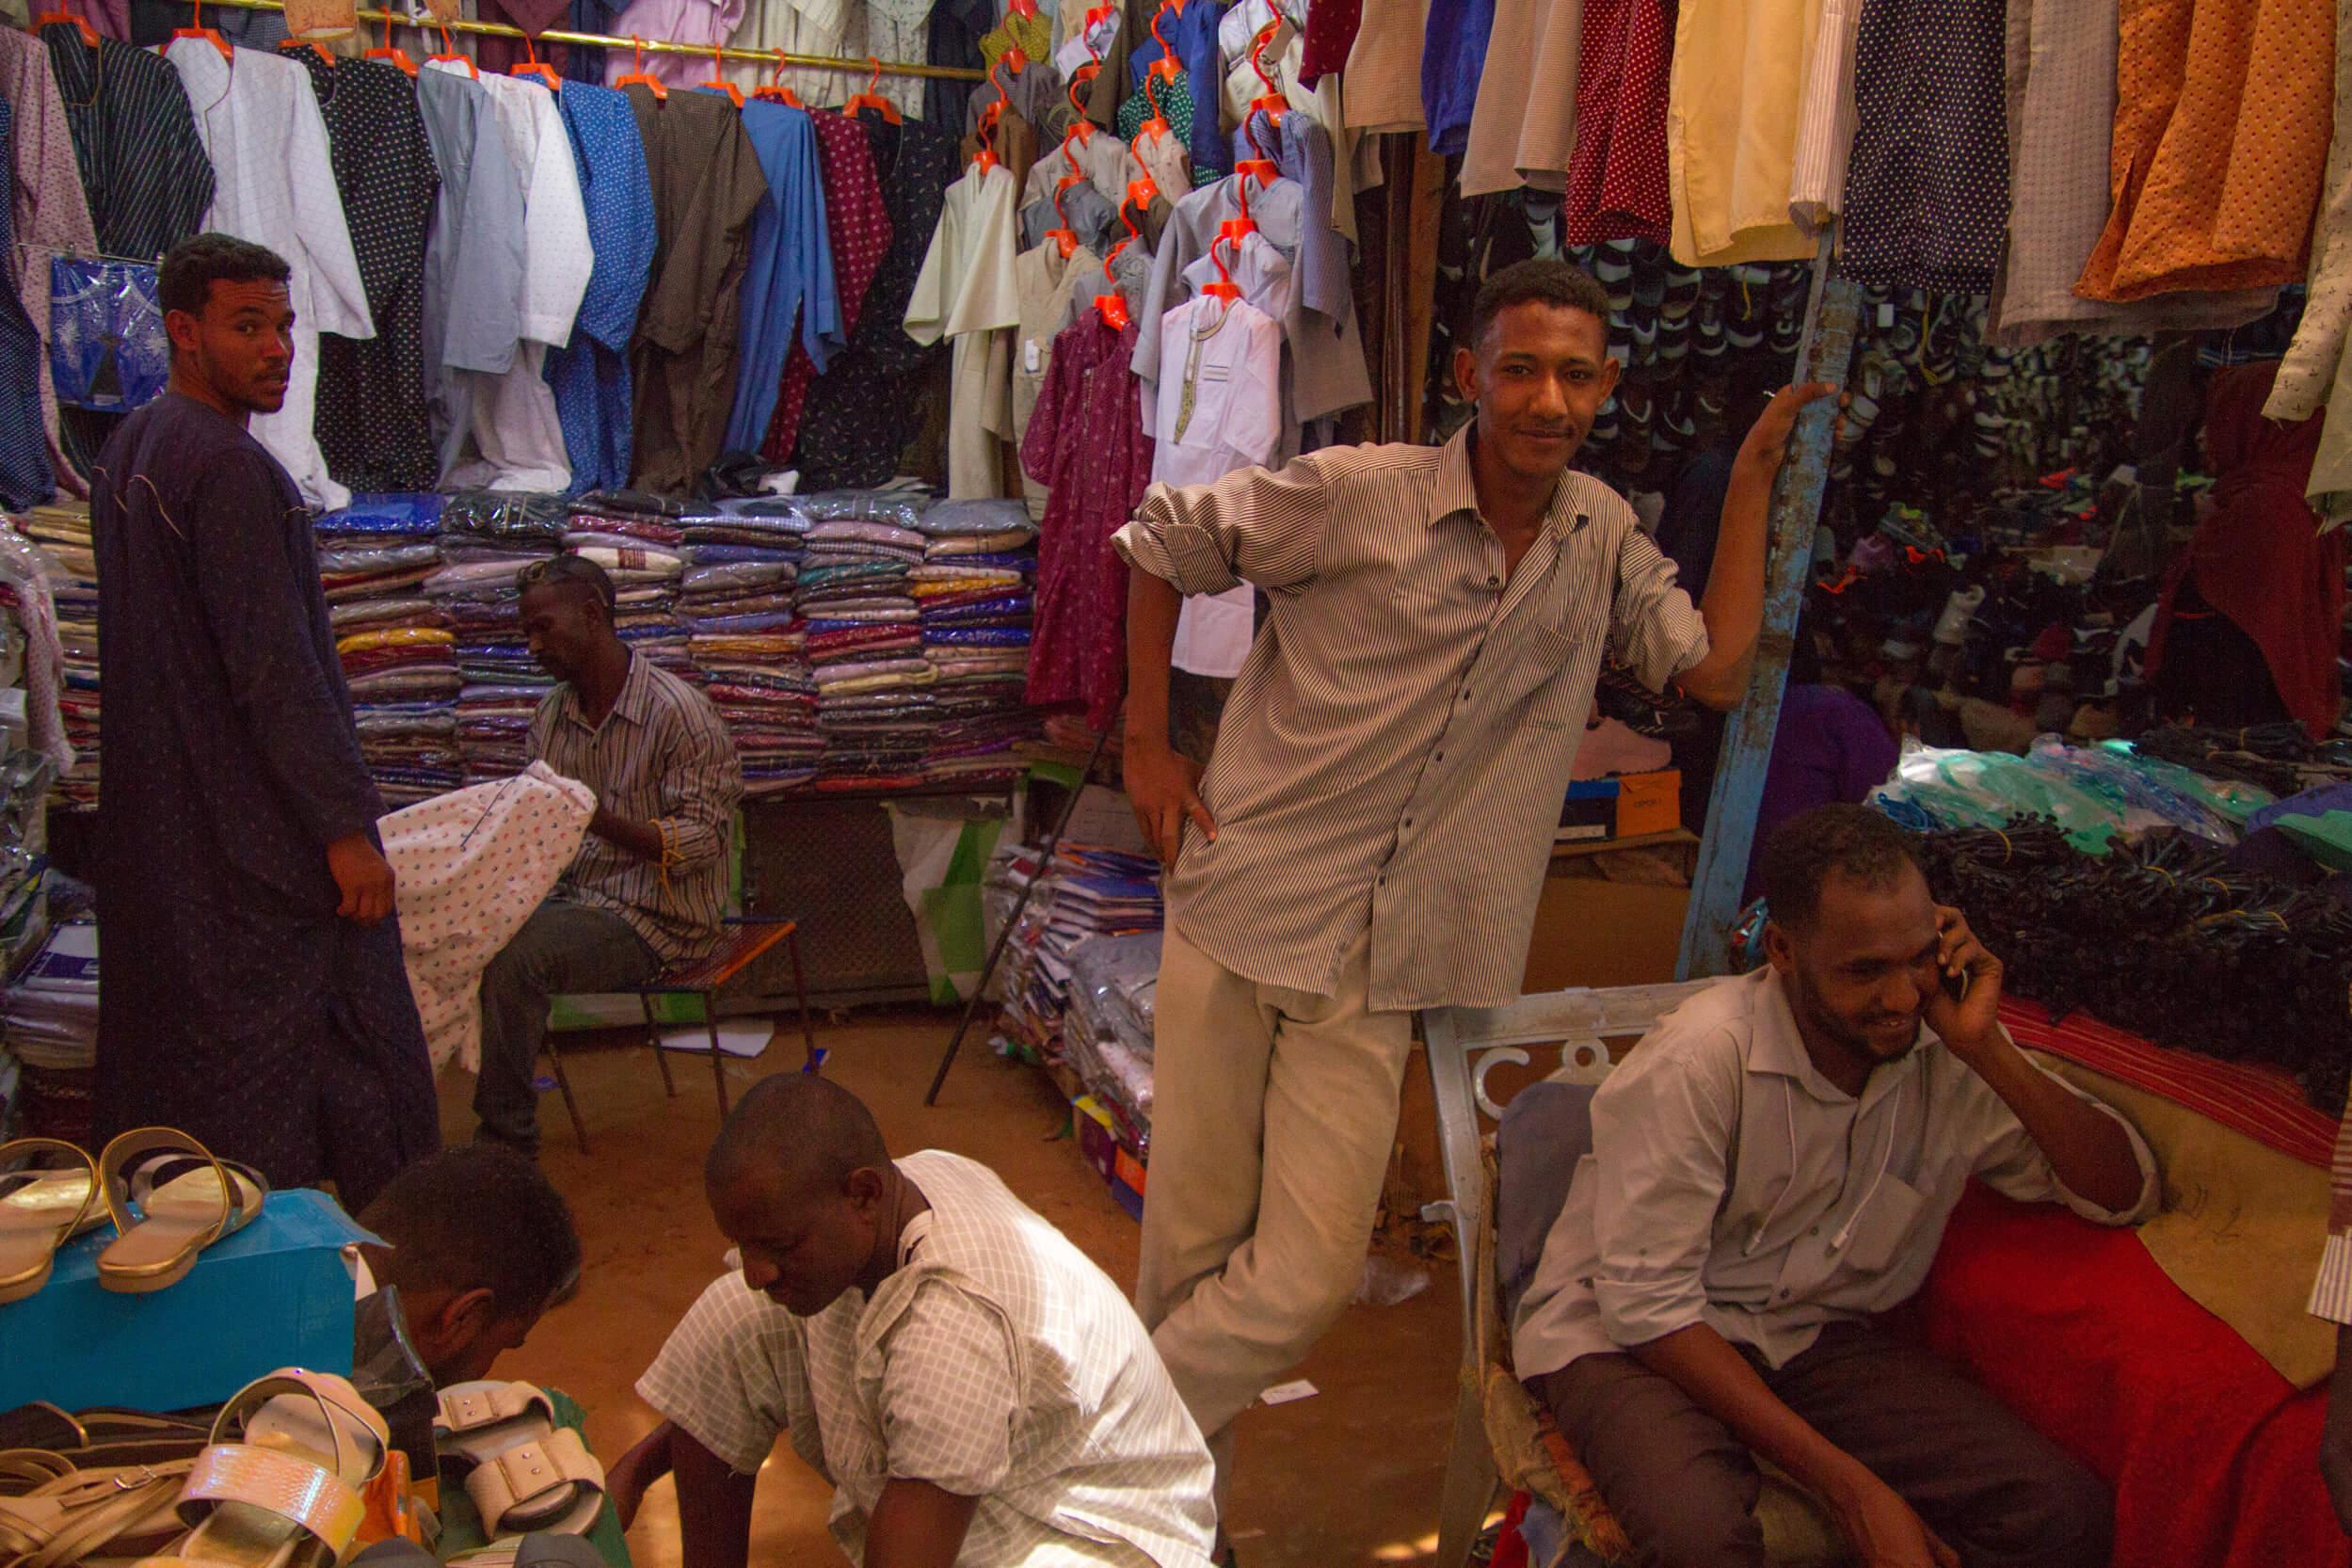 https://bubo.sk/uploads/galleries/7407/marekmeluch_sudan_khartoum_omdurman.jpg